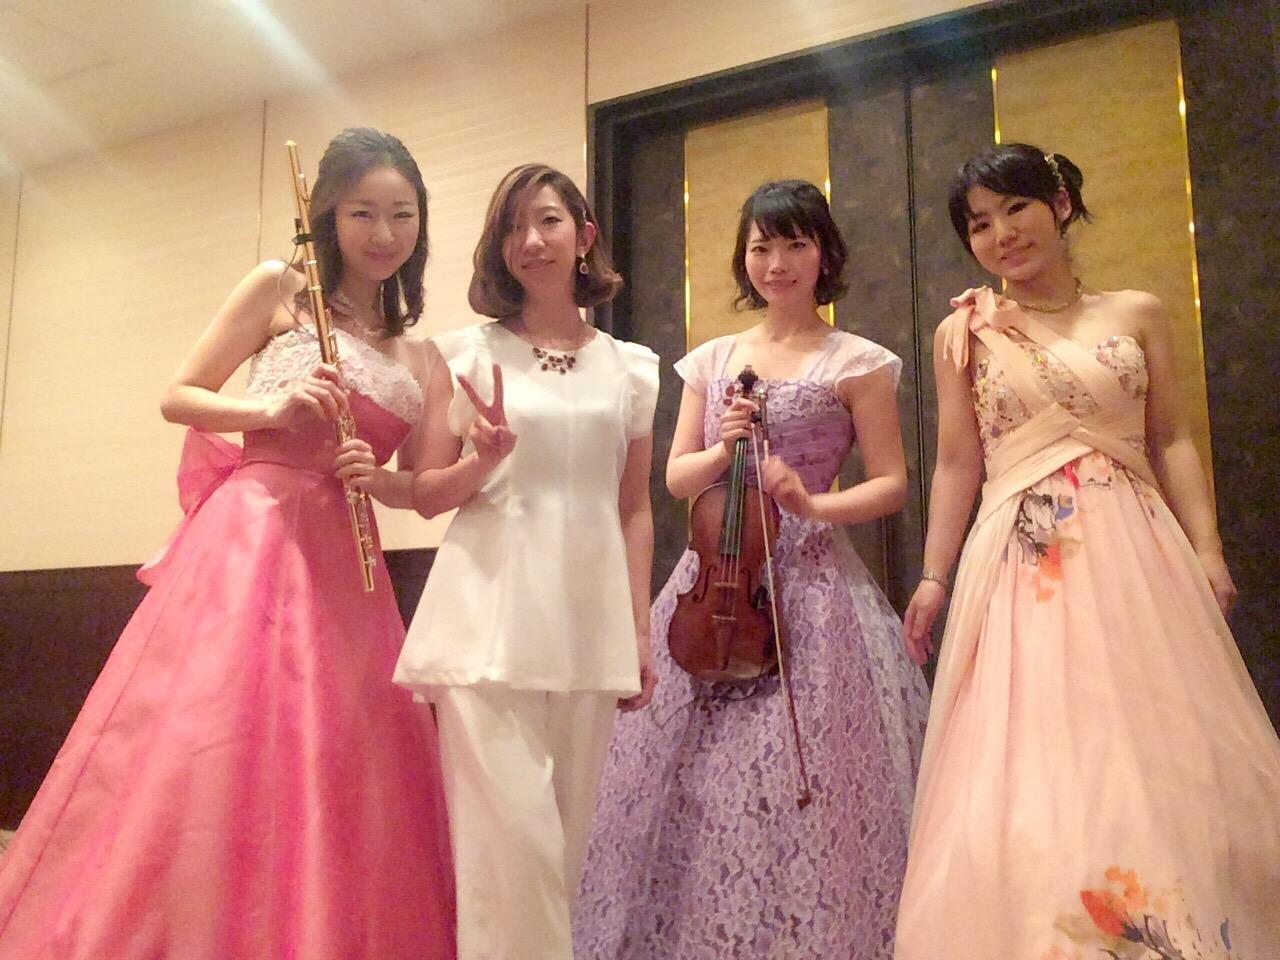 ヴァイオリン、フルート、ピアノ、パーカッションの4名編成でのご依頼でした